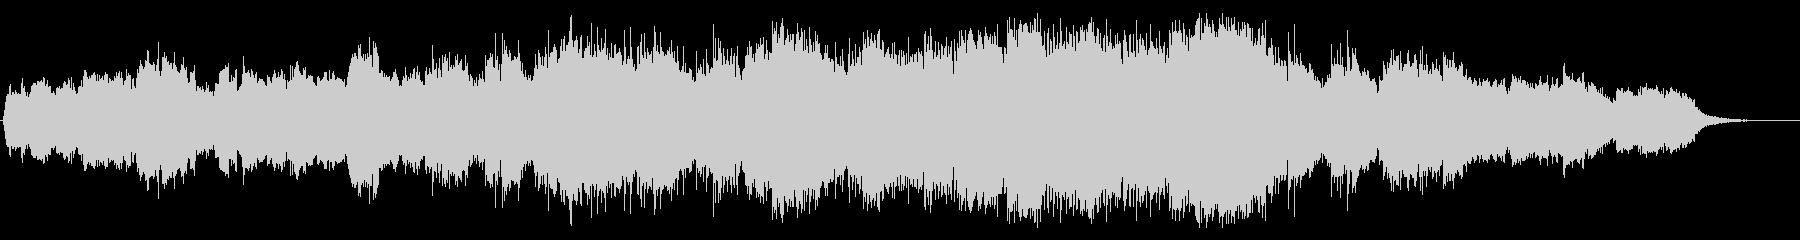 叙情的なピアノとストリングスのBGMの未再生の波形